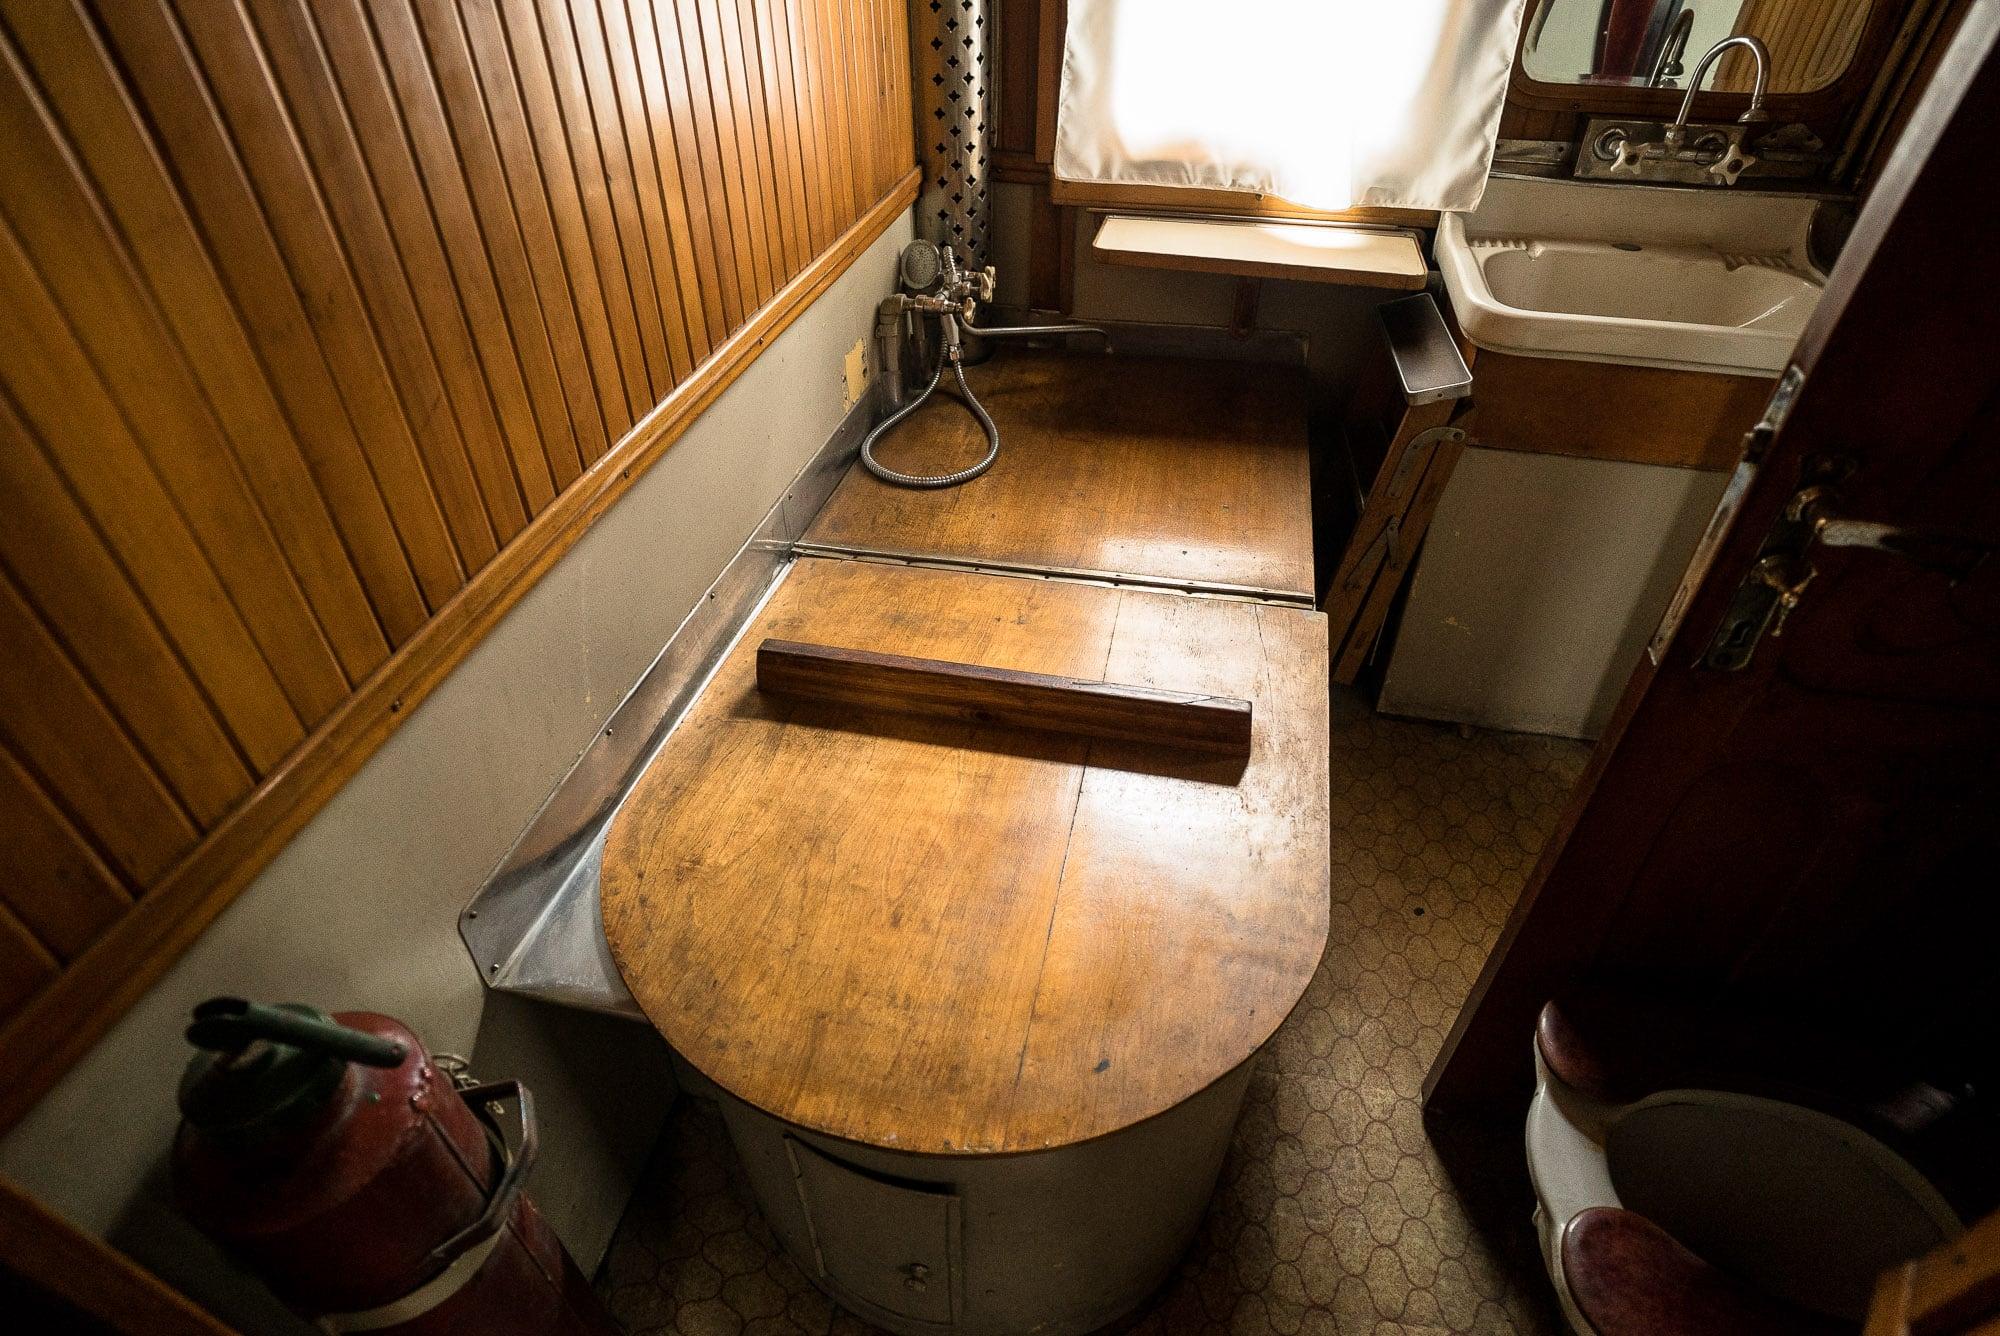 Stalin's bath tub on his train